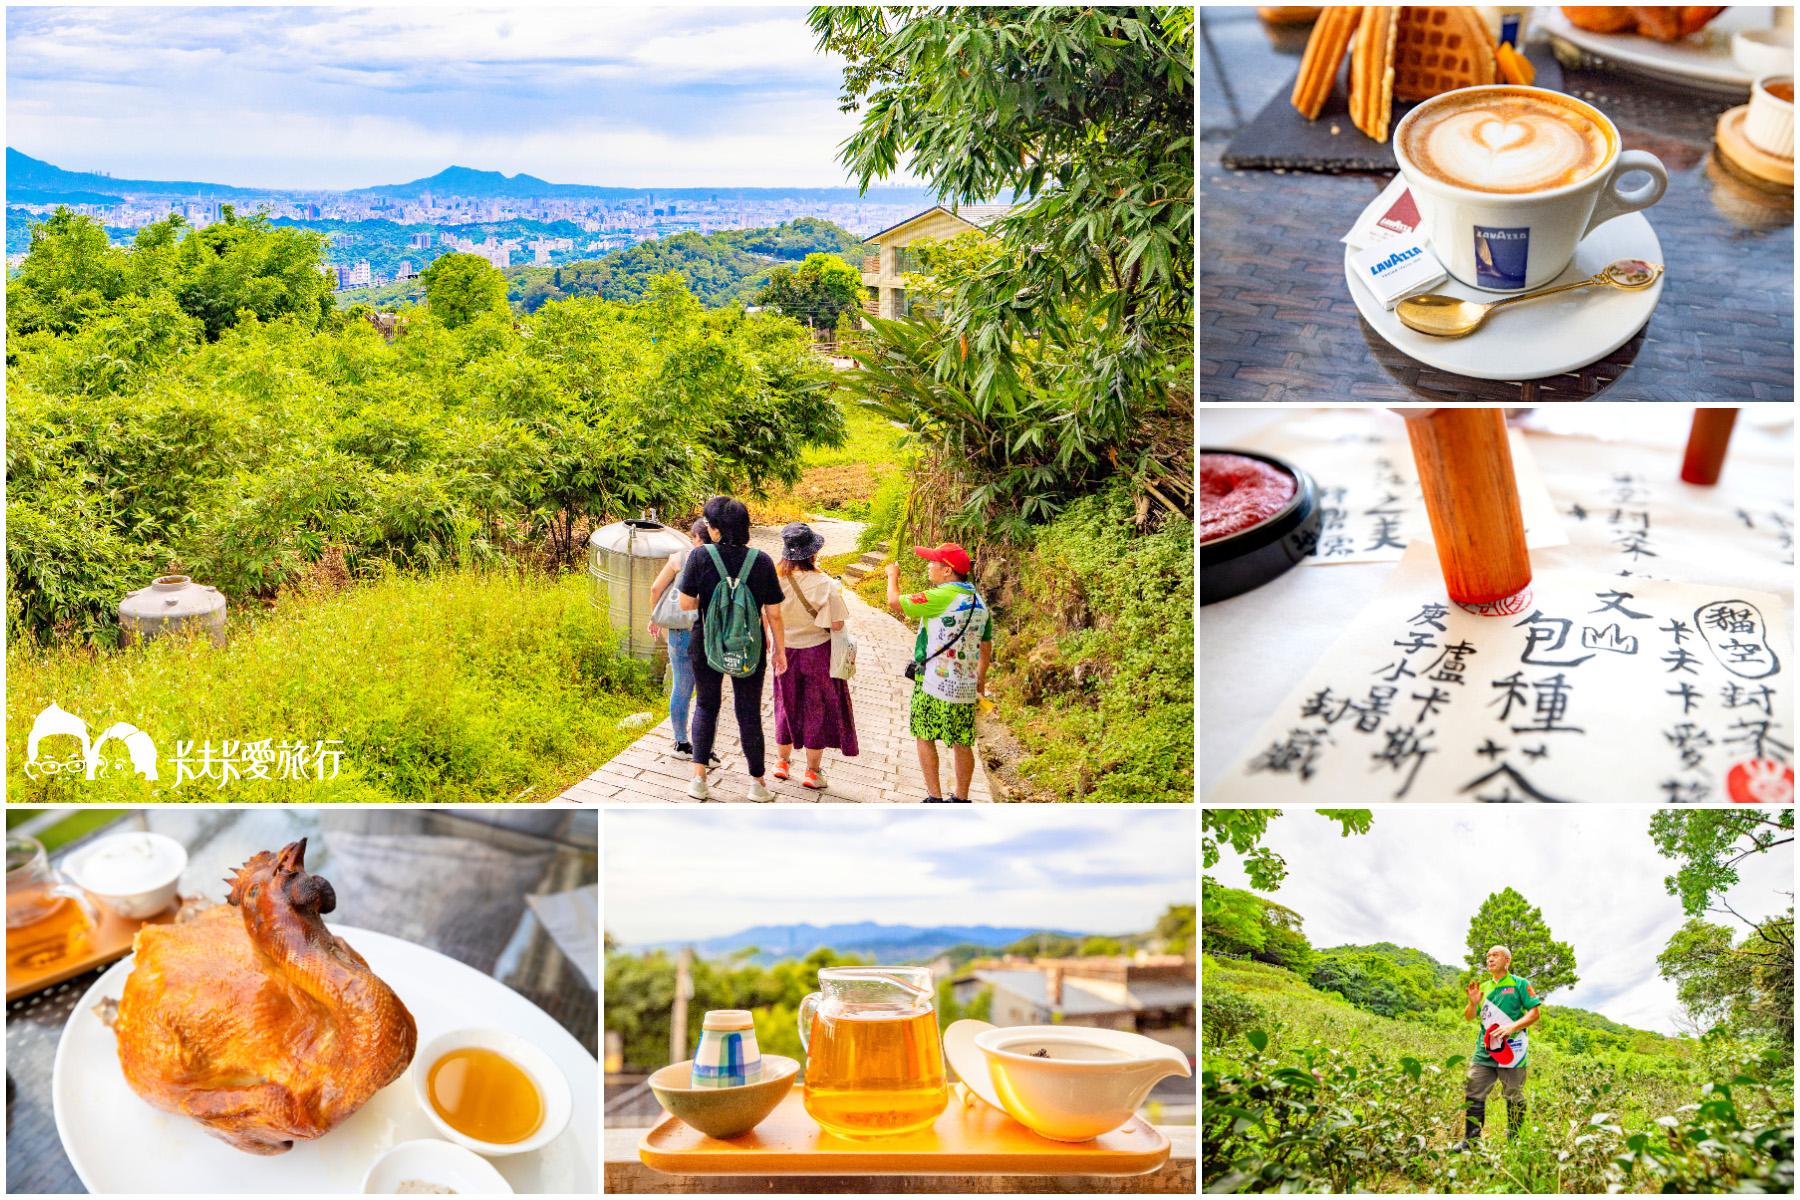 2020臺北商圈嘉年華|貓空商圈|貓空小旅行一日遊找茶趣採茶品茶封茶吃桶仔雞